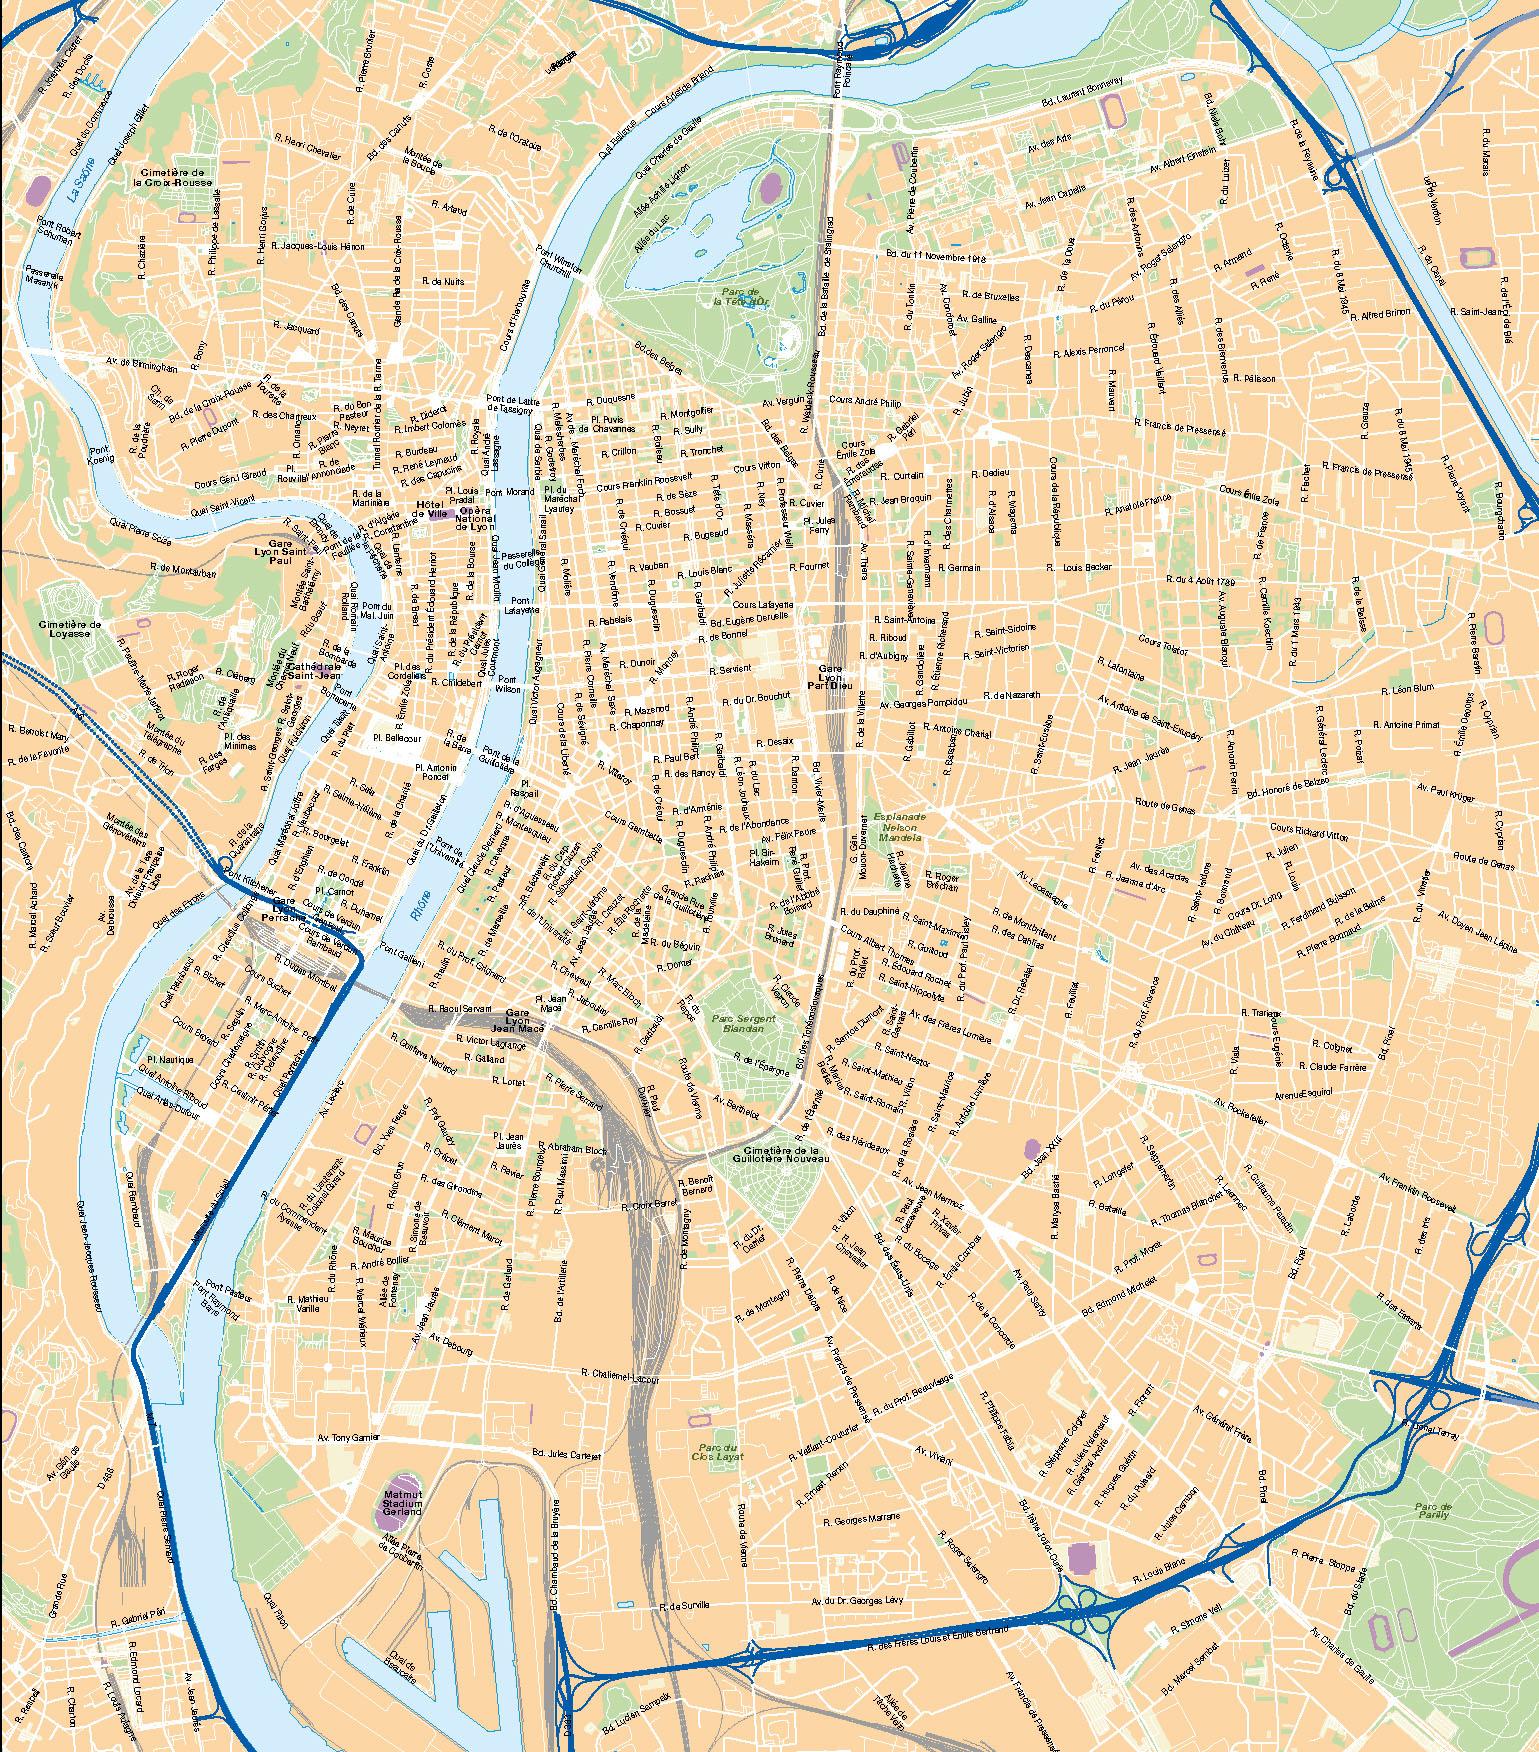 Lyon plan de ville fond de carte vectoriel illustrator ai eps